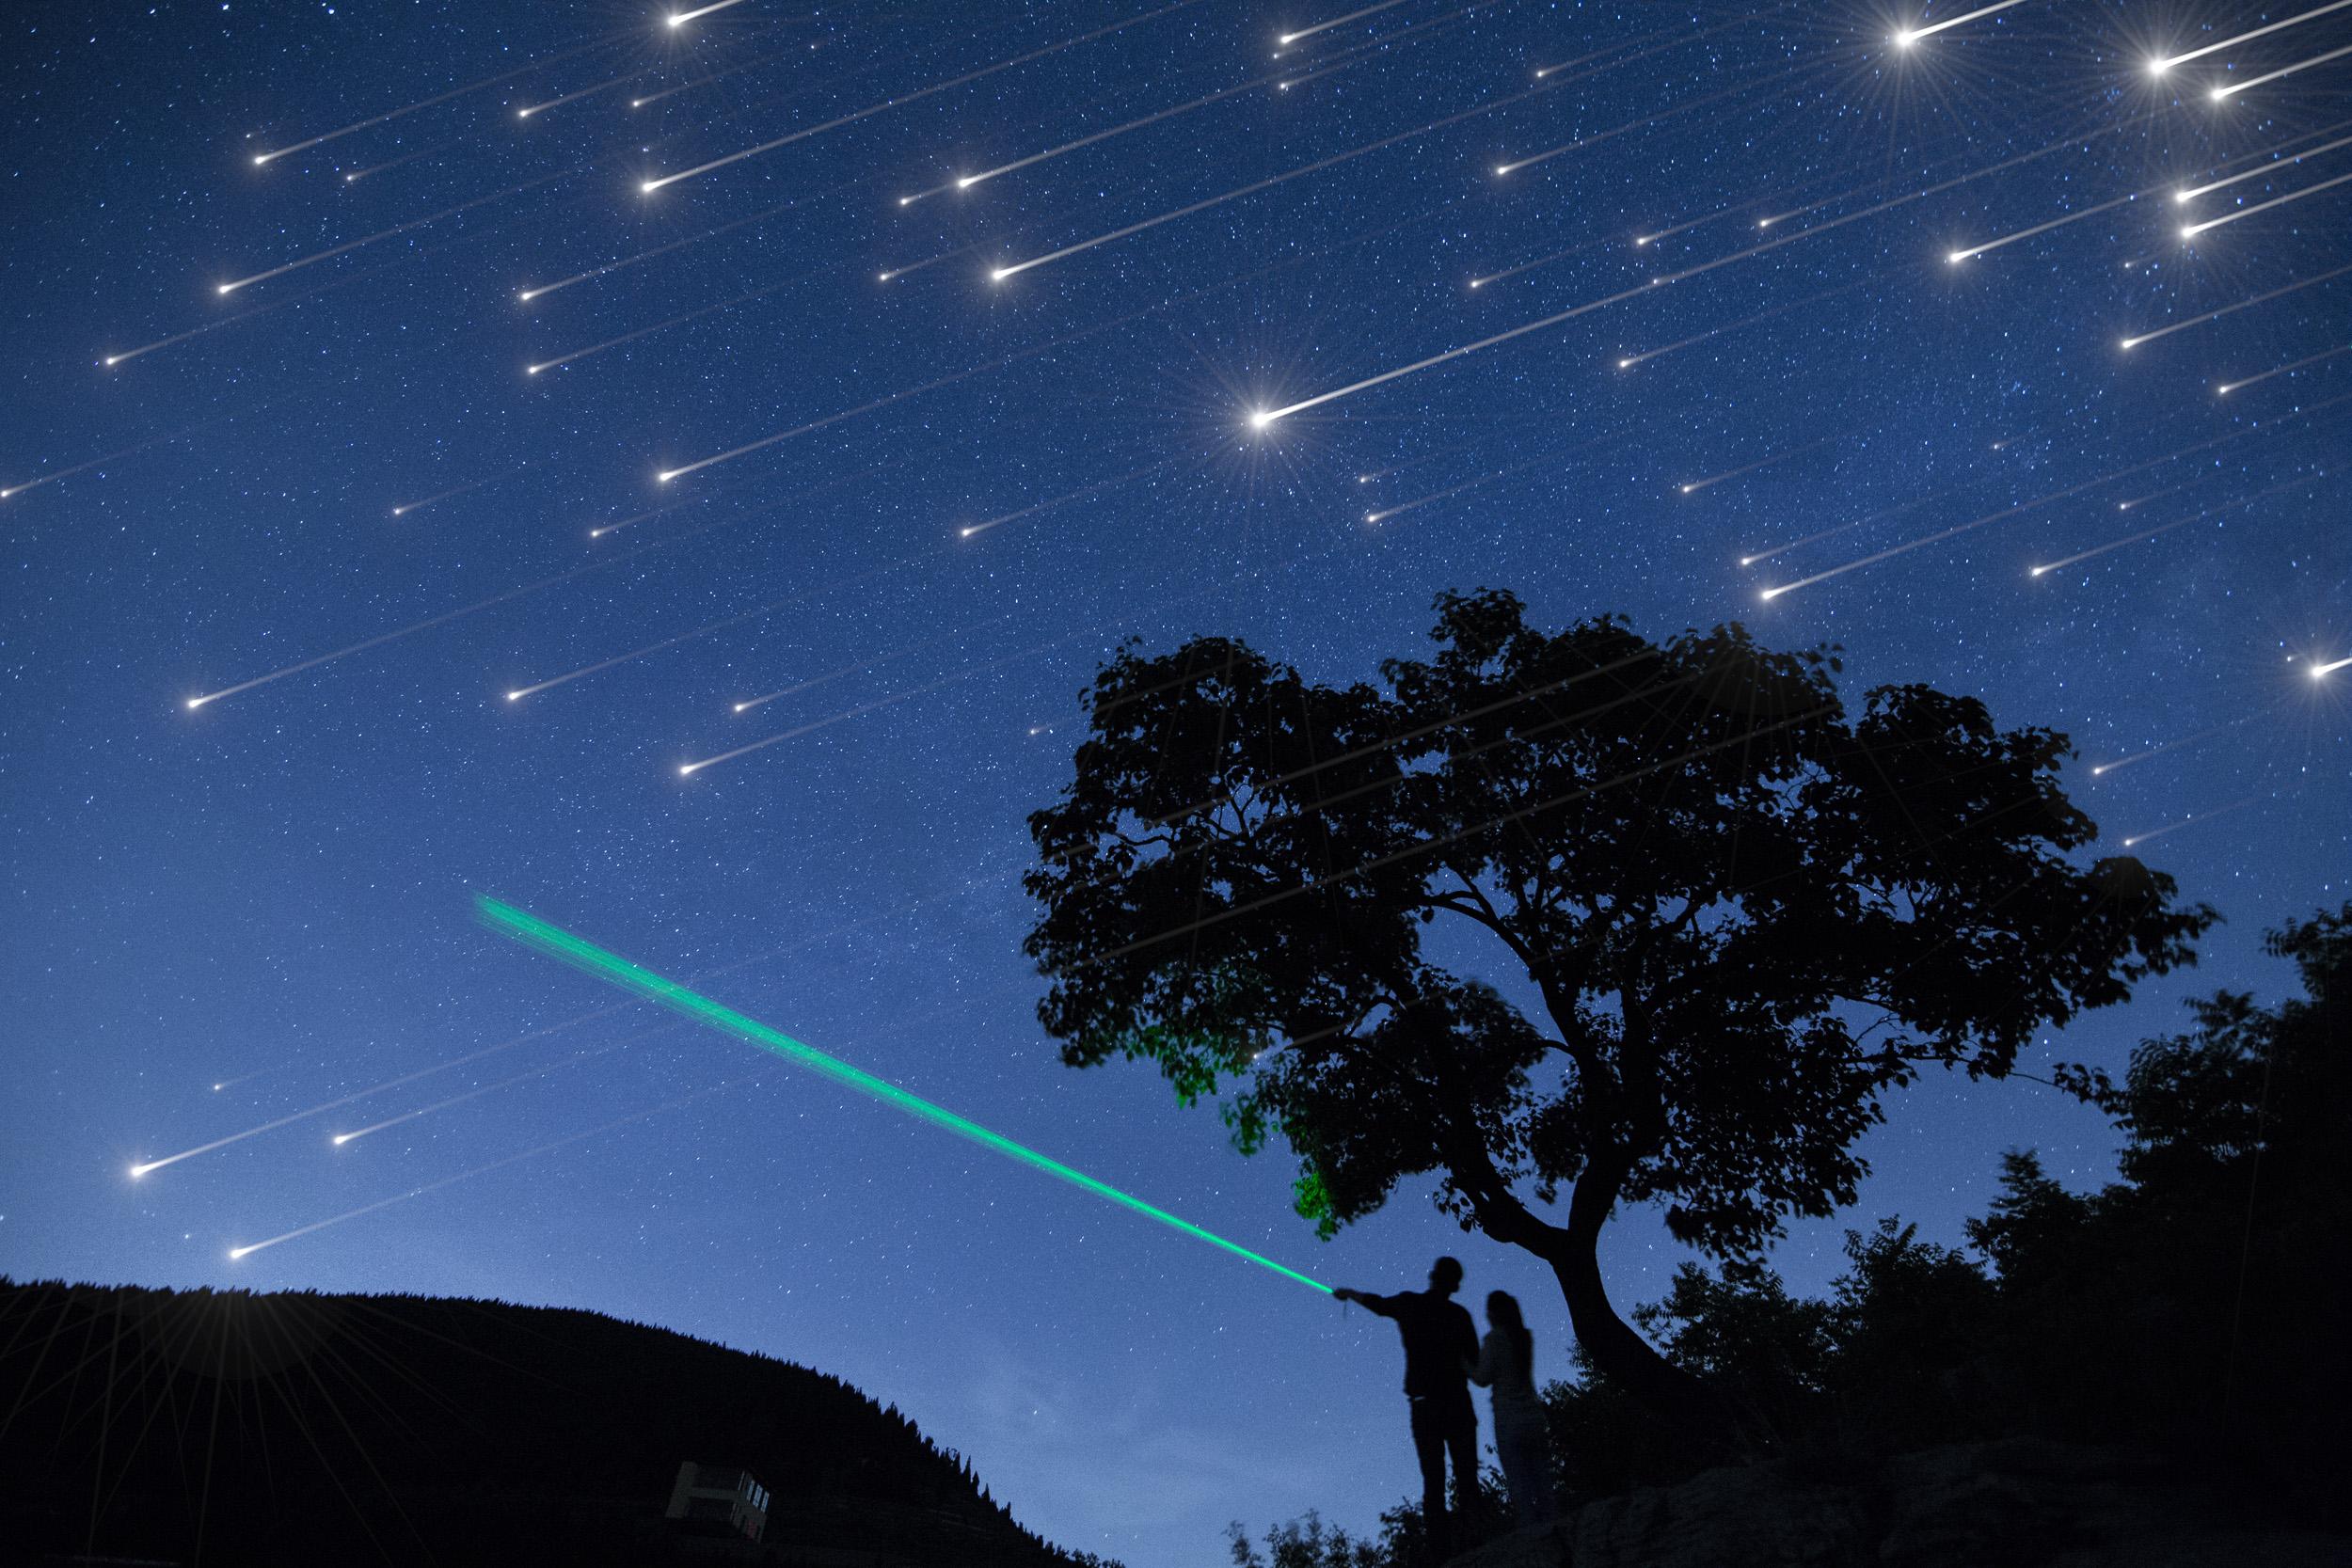 The Ursid meteor shower peaks tonight  Earthcom